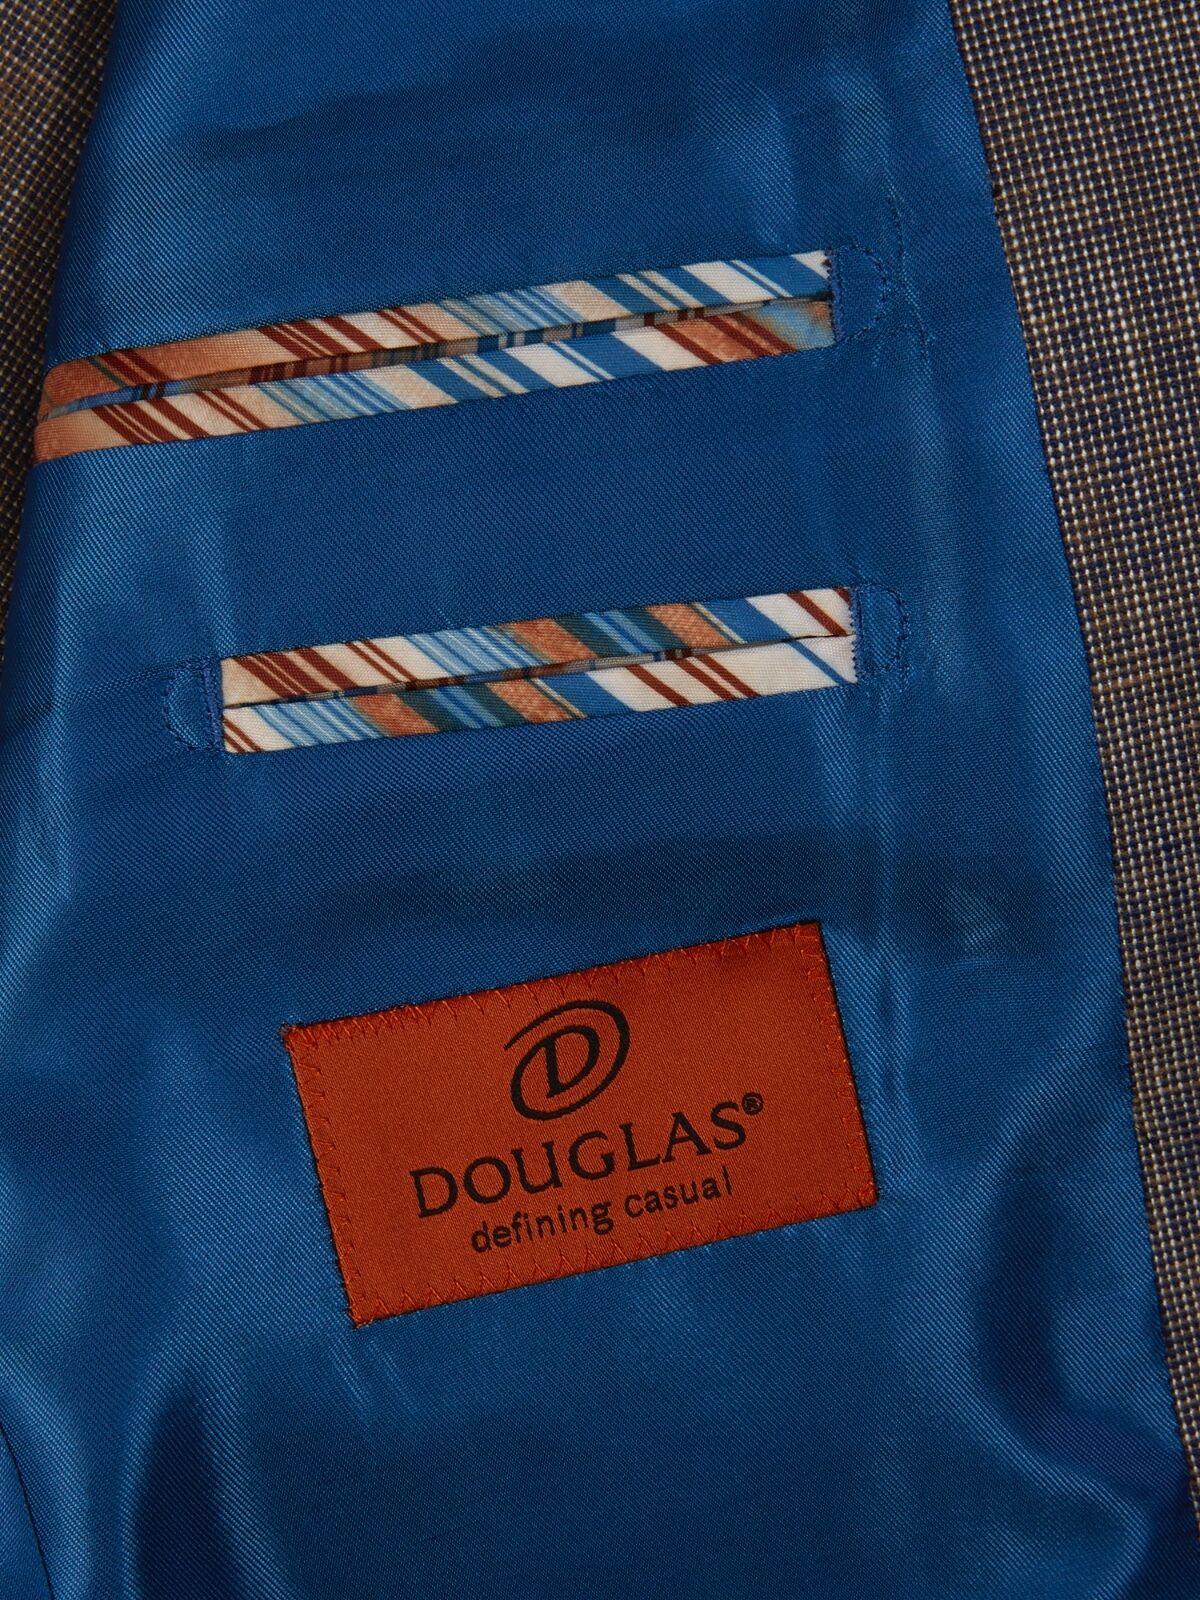 Douglas   Lin Lin Lin Mélange Veste/Beige - 48R-était £ 159.00 Maintenant £ 100.00 253bca